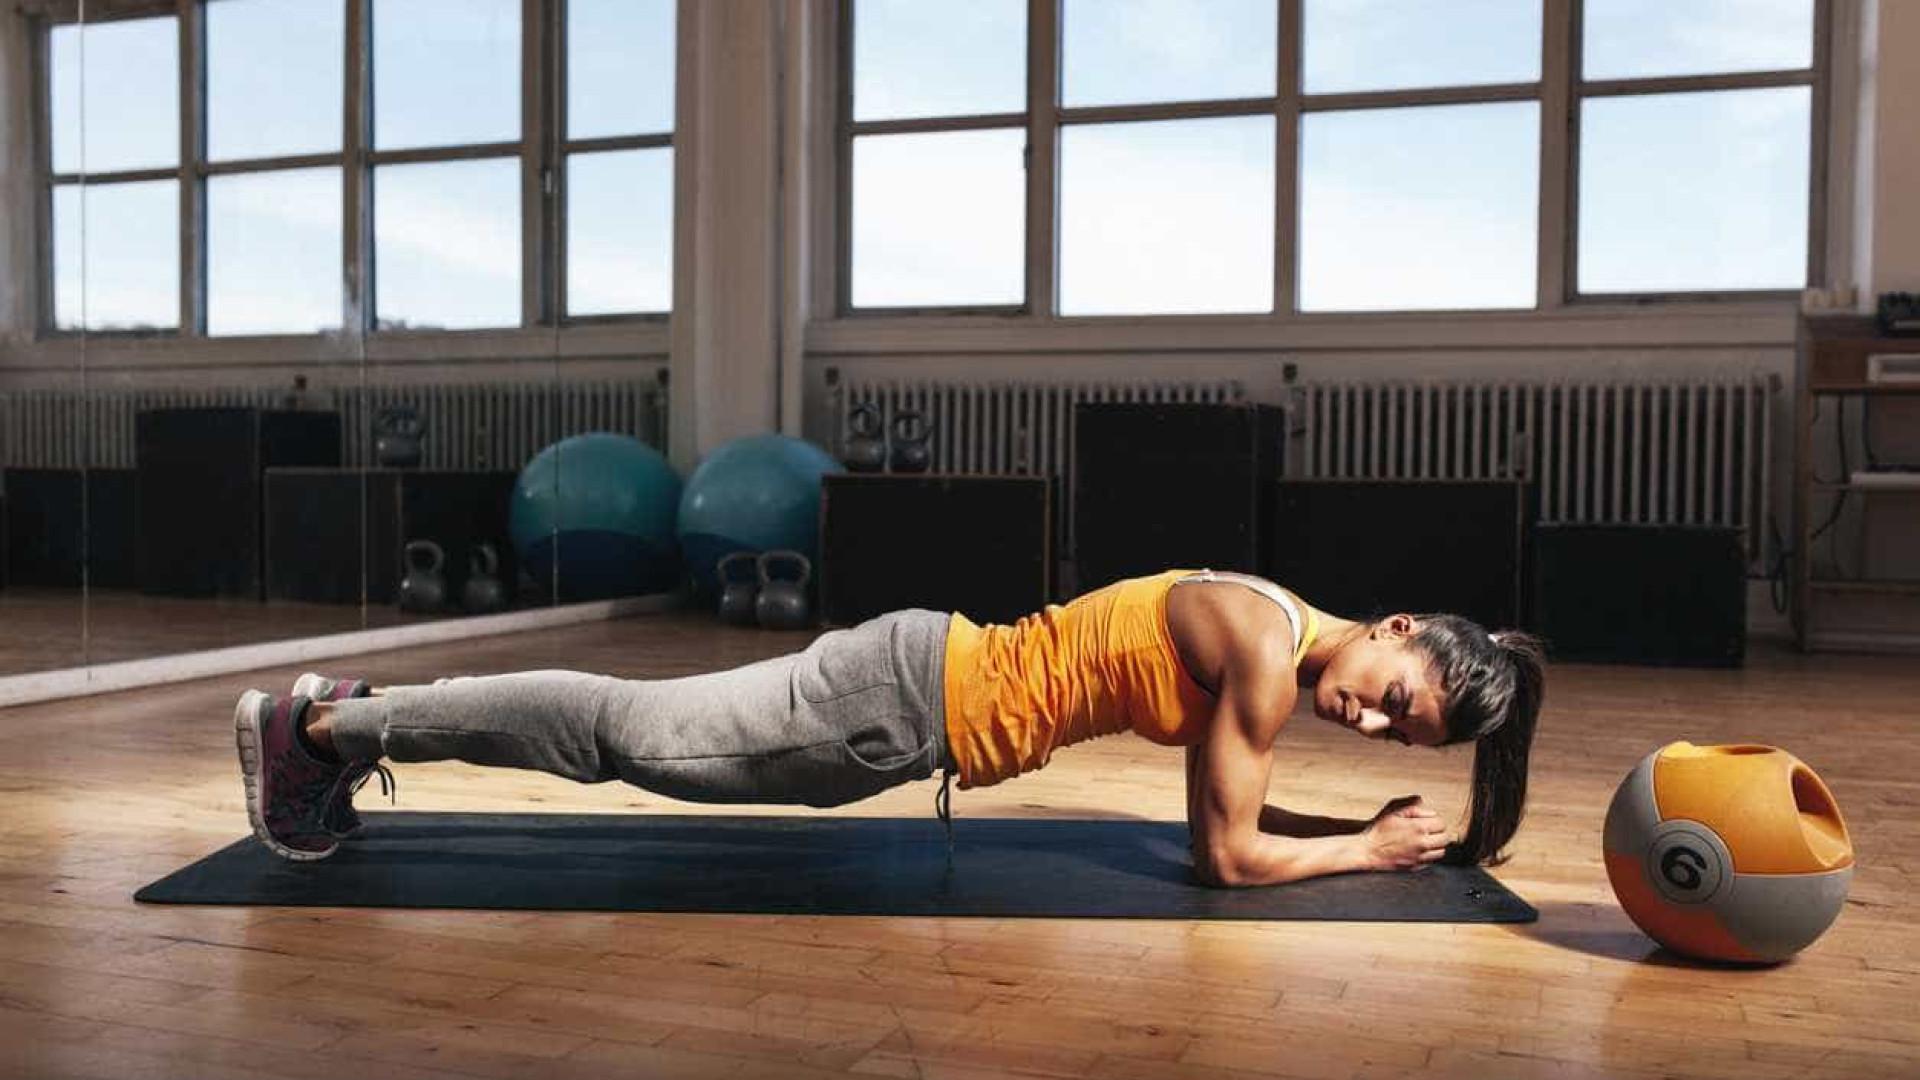 Treinar mais para dormir melhor. Mas tem de fazer assim